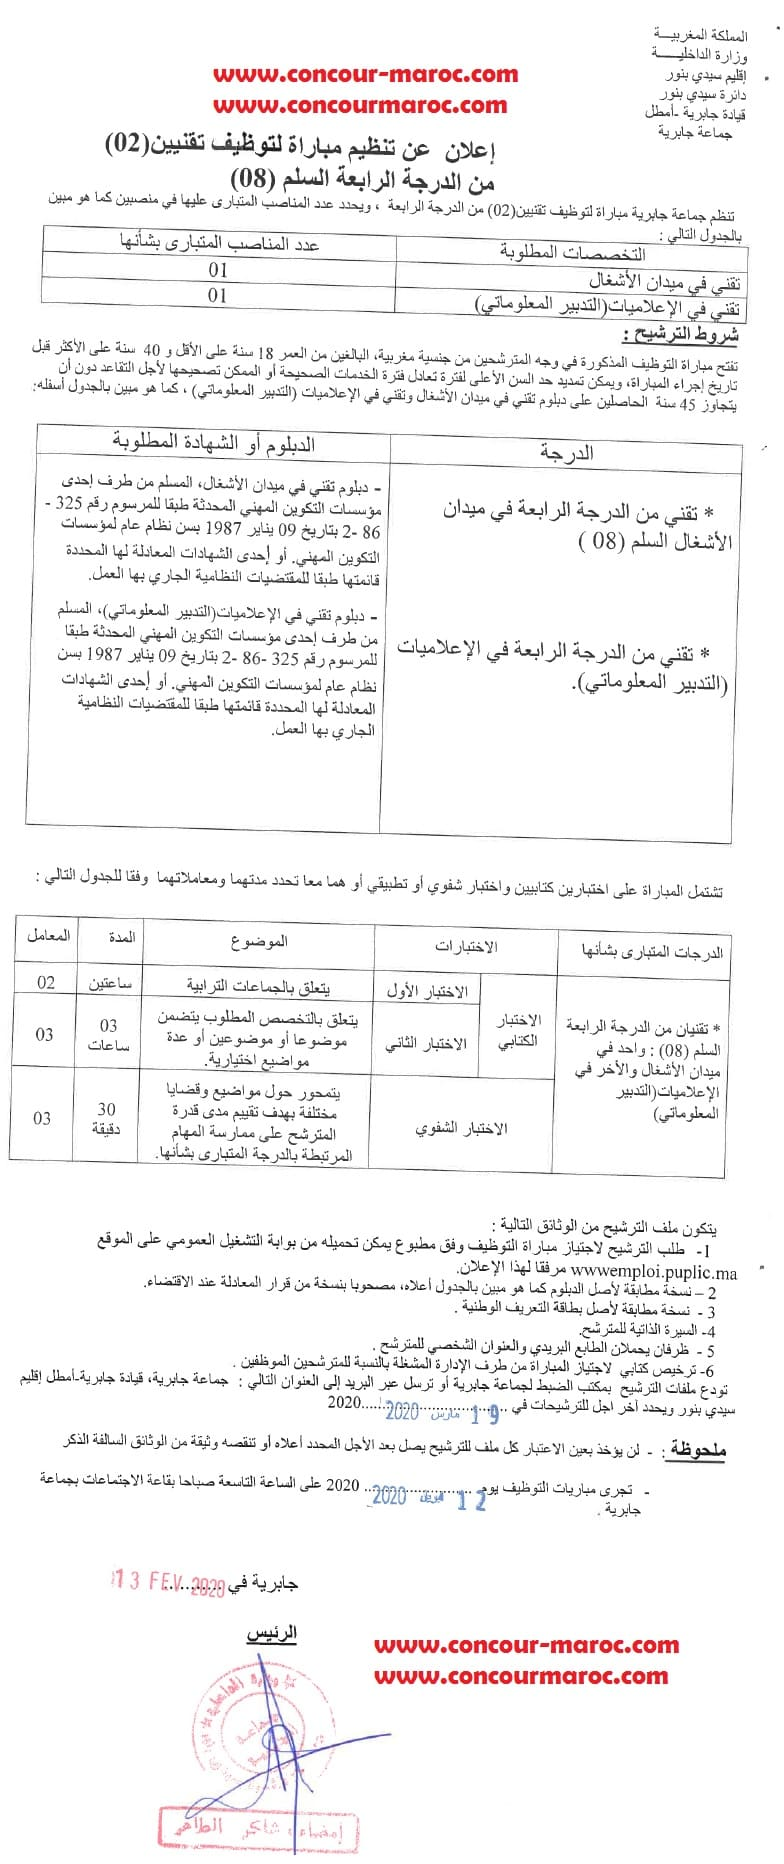 مباراة توظيف في عدة مناصب بجماعة جابرية - إقليم سيدي بنور آخر أجل لإيداع الترشيحات 19 مارس 2020 Yao_yo12